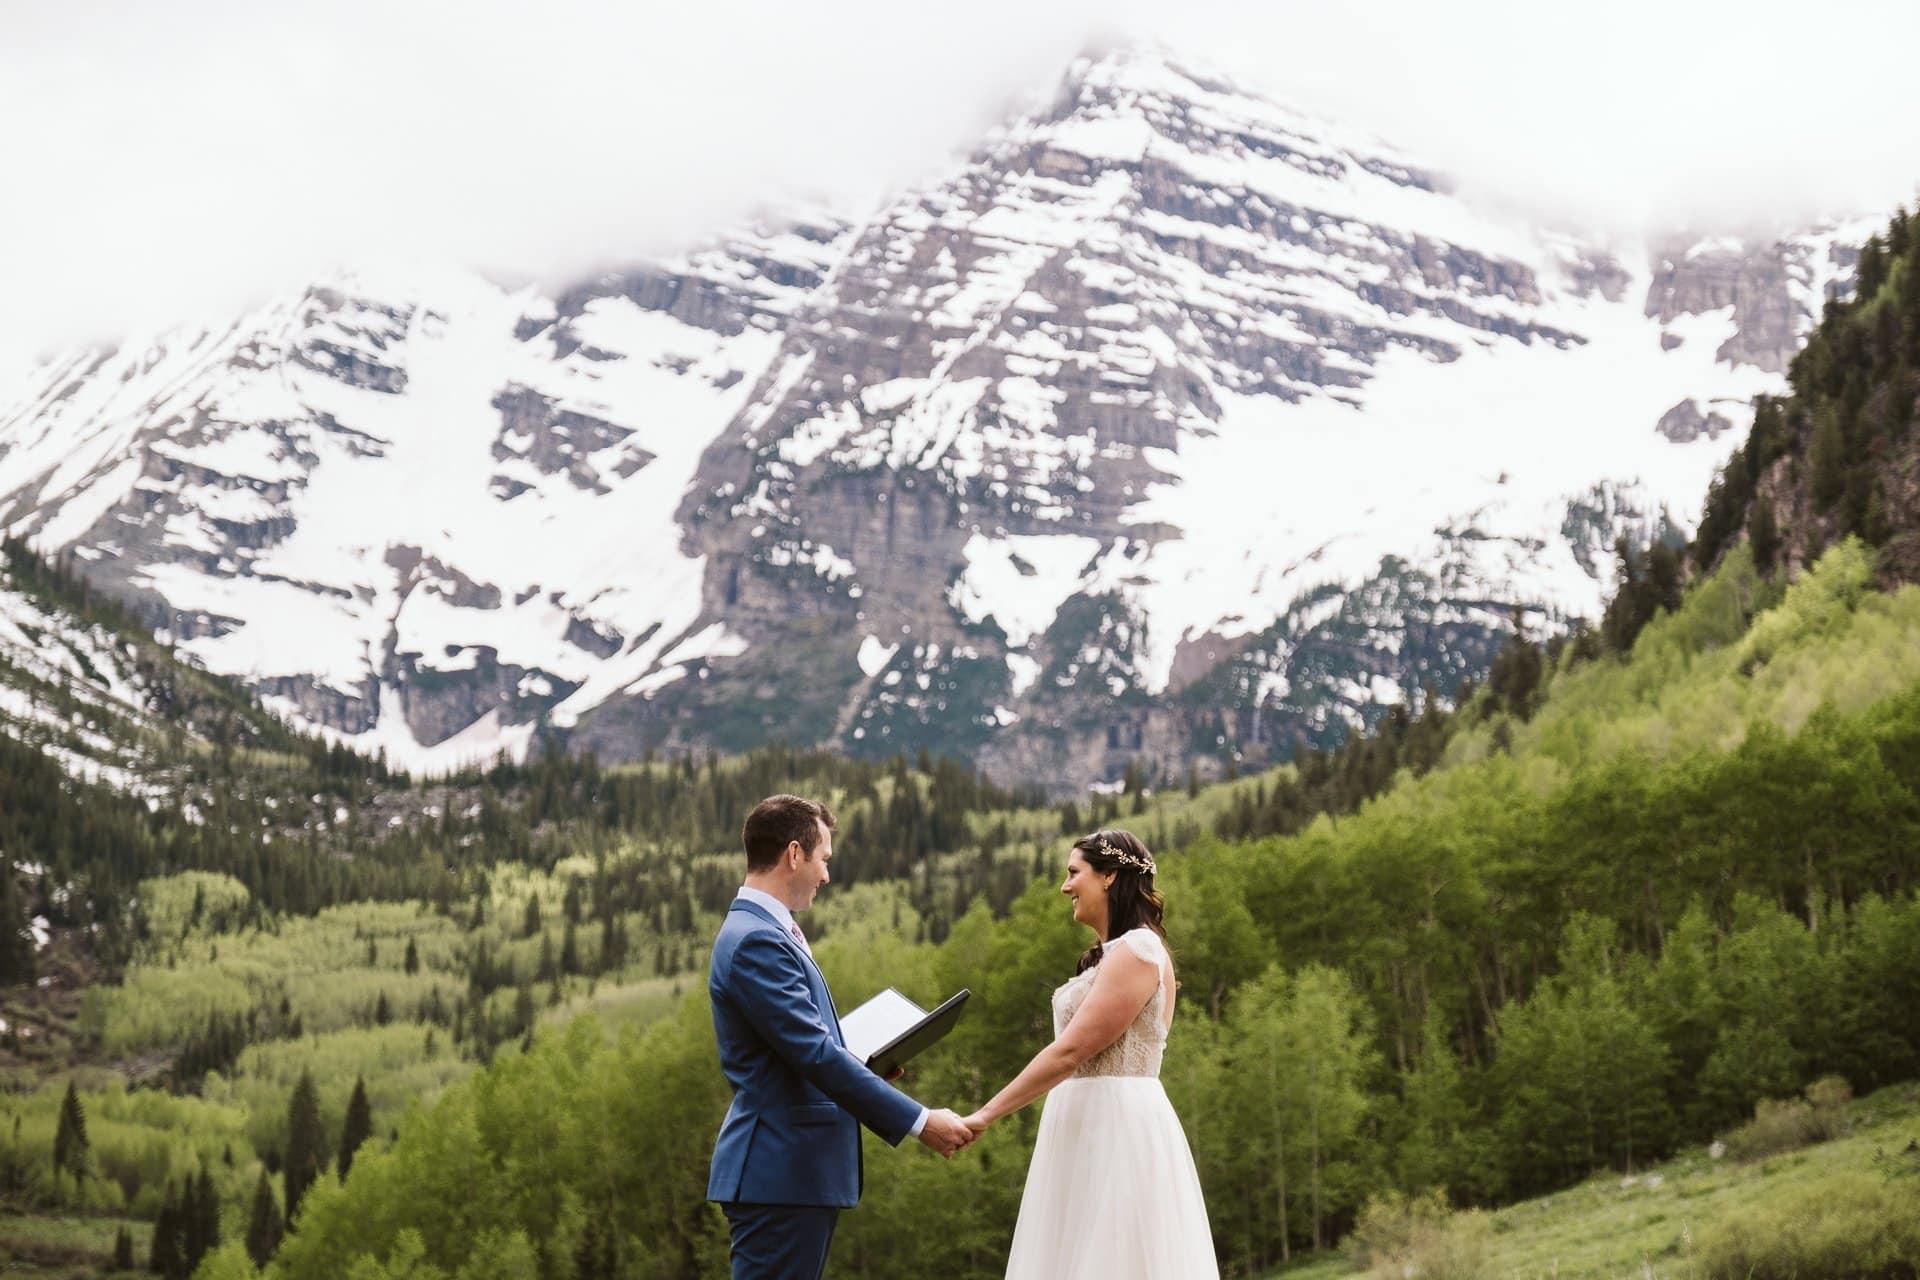 Maroon Bells Amphitheater elopement wedding ceremony